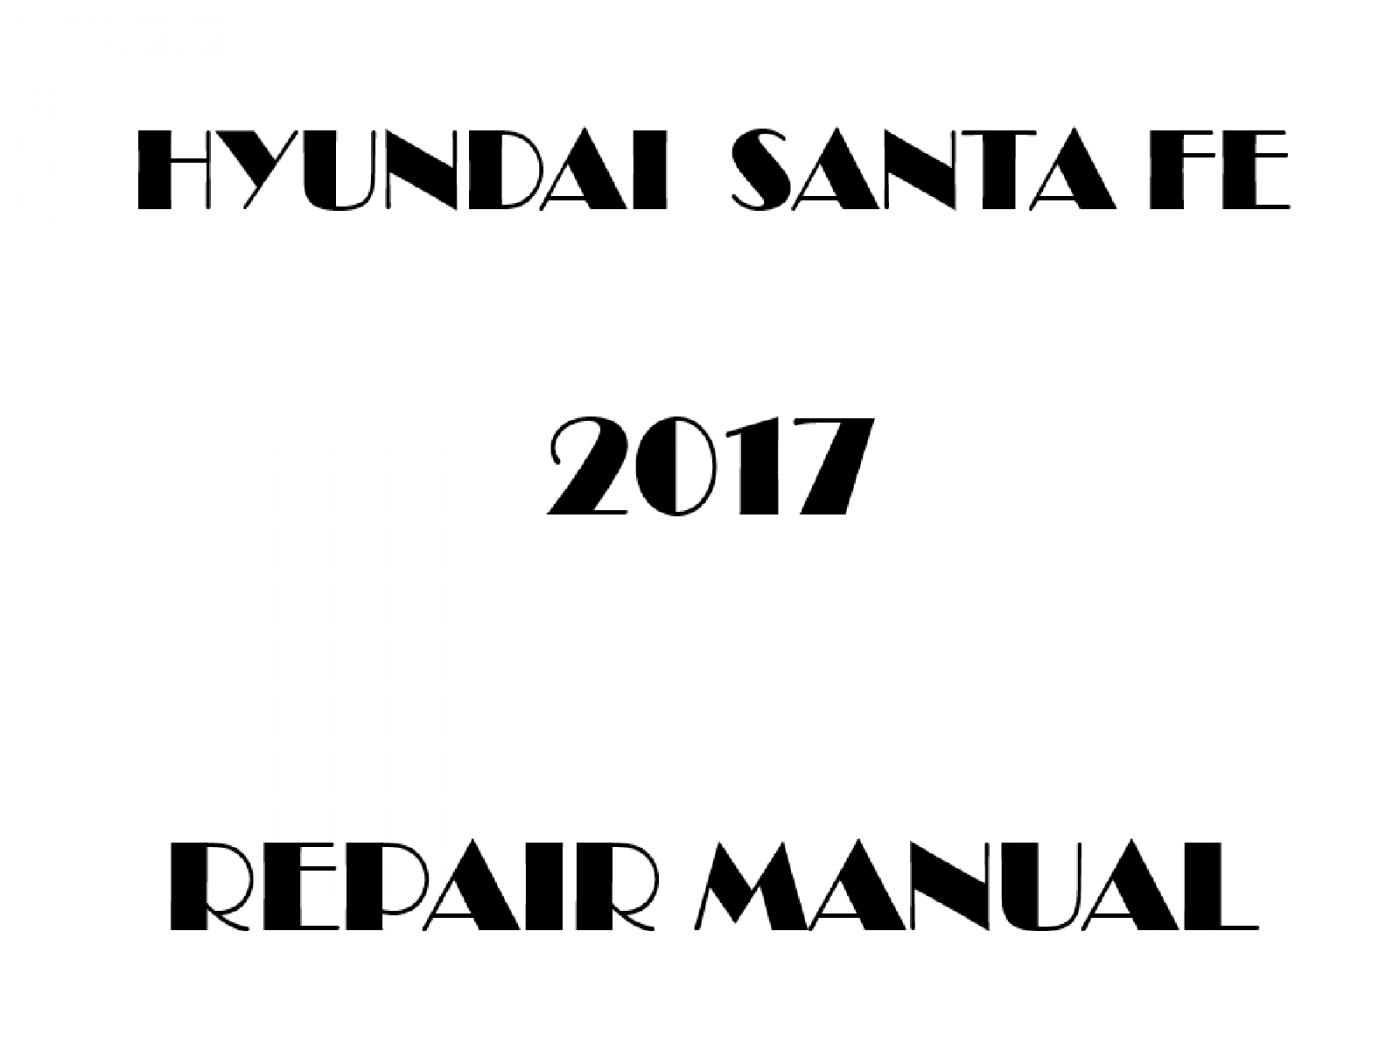 2017 Hyundai Santa Fe repair manual